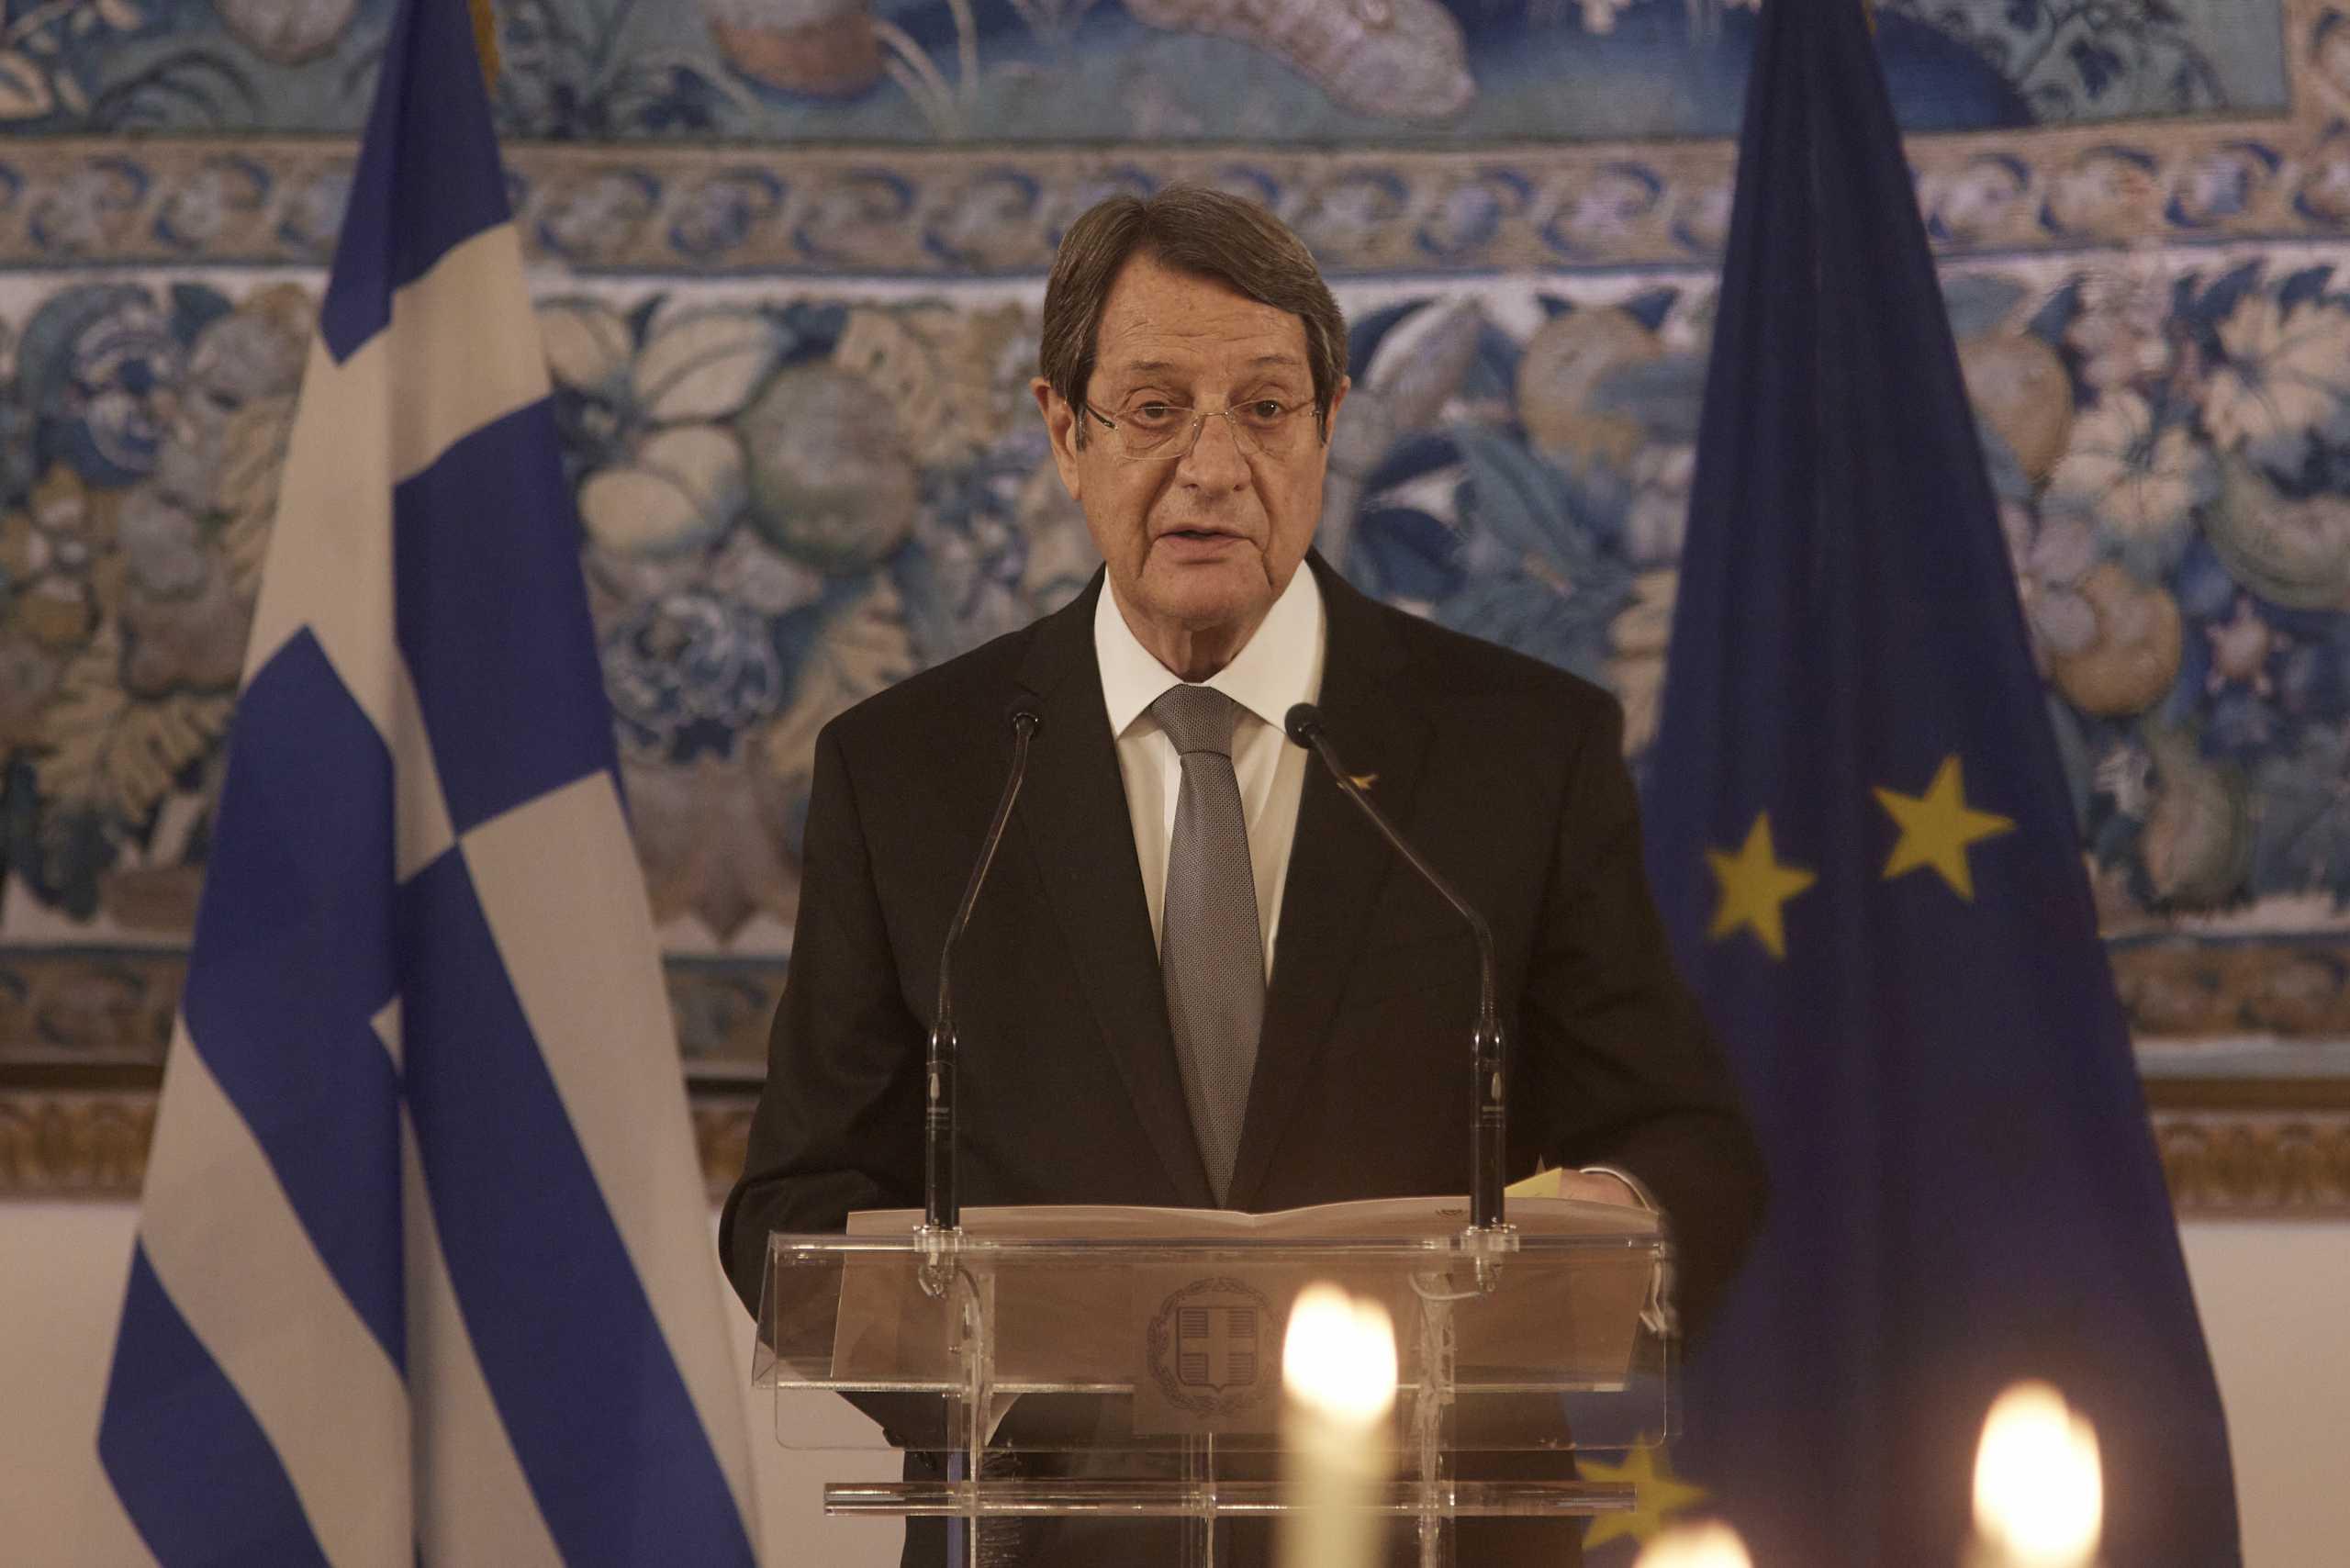 Αναστασιάδης: Αγωνιζόμαστε για μια ελεύθερη Κύπρο απαλλαγμένη από ξένα στρατεύματα